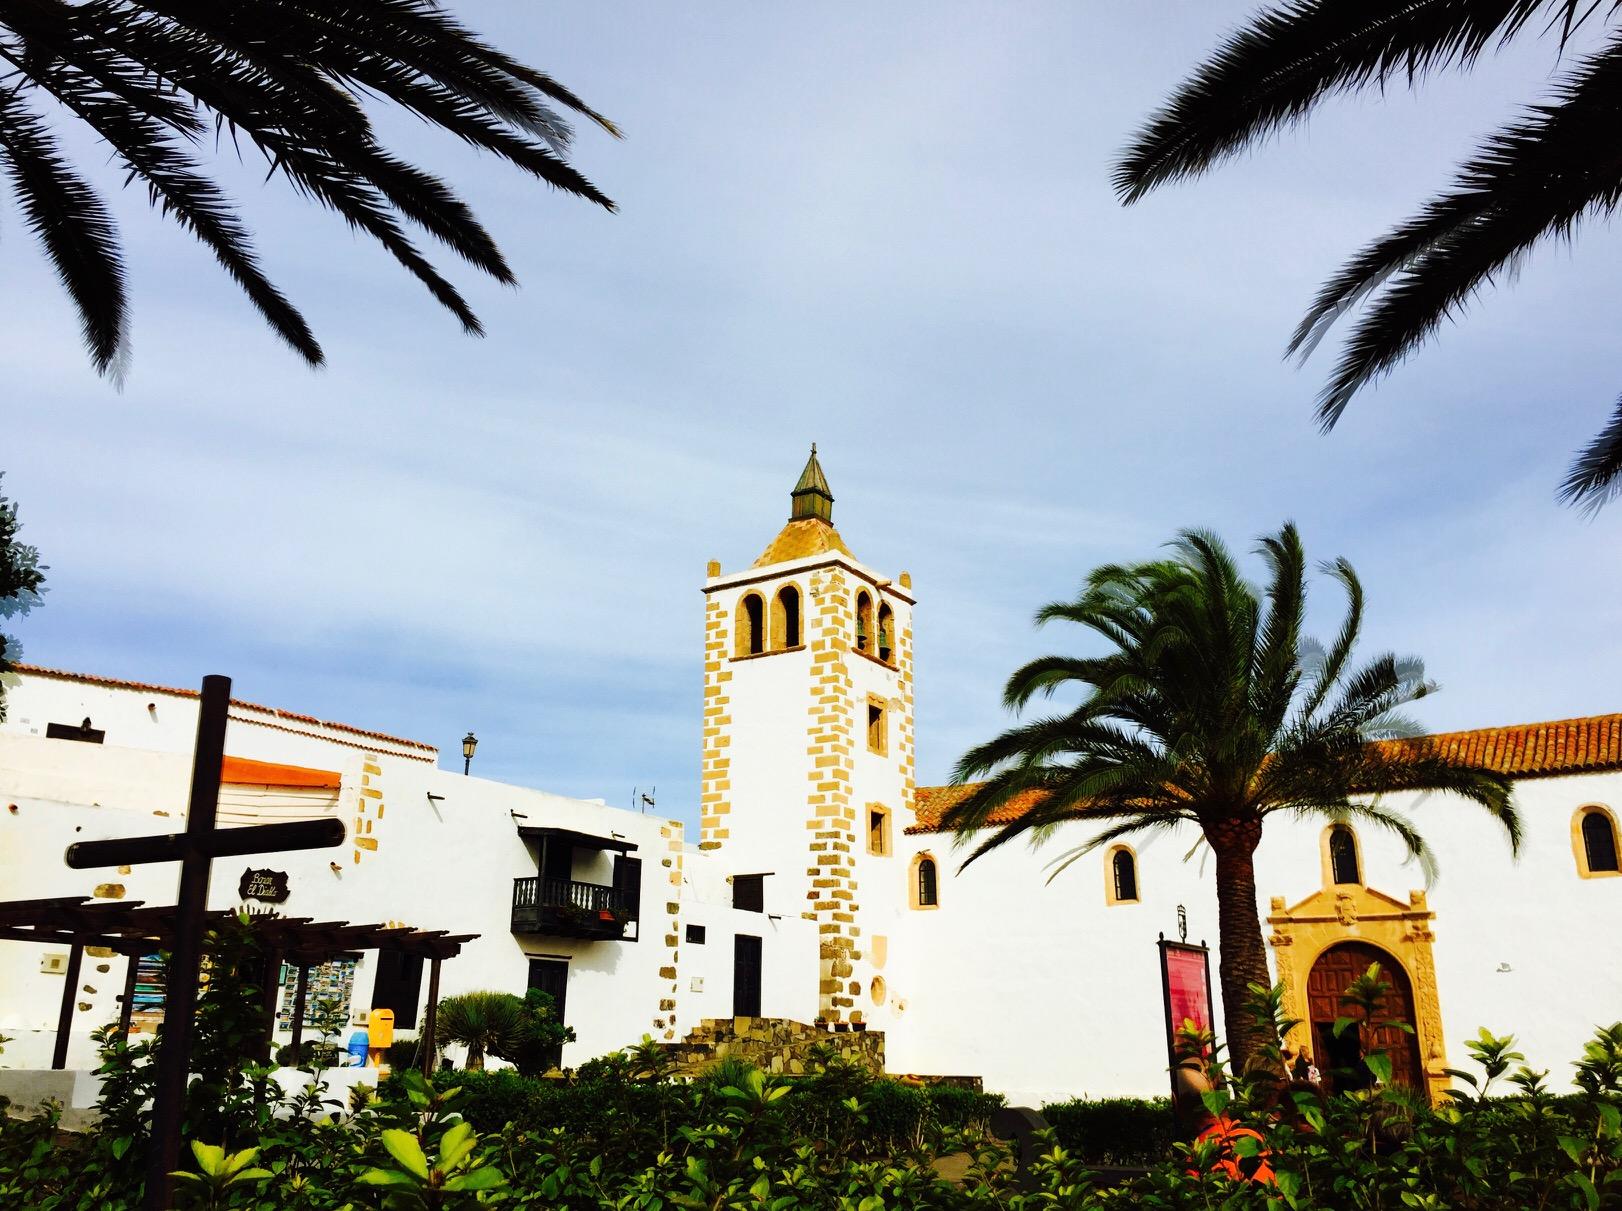 Blick auf eine Kirche in Betancuria, Fuerteventura